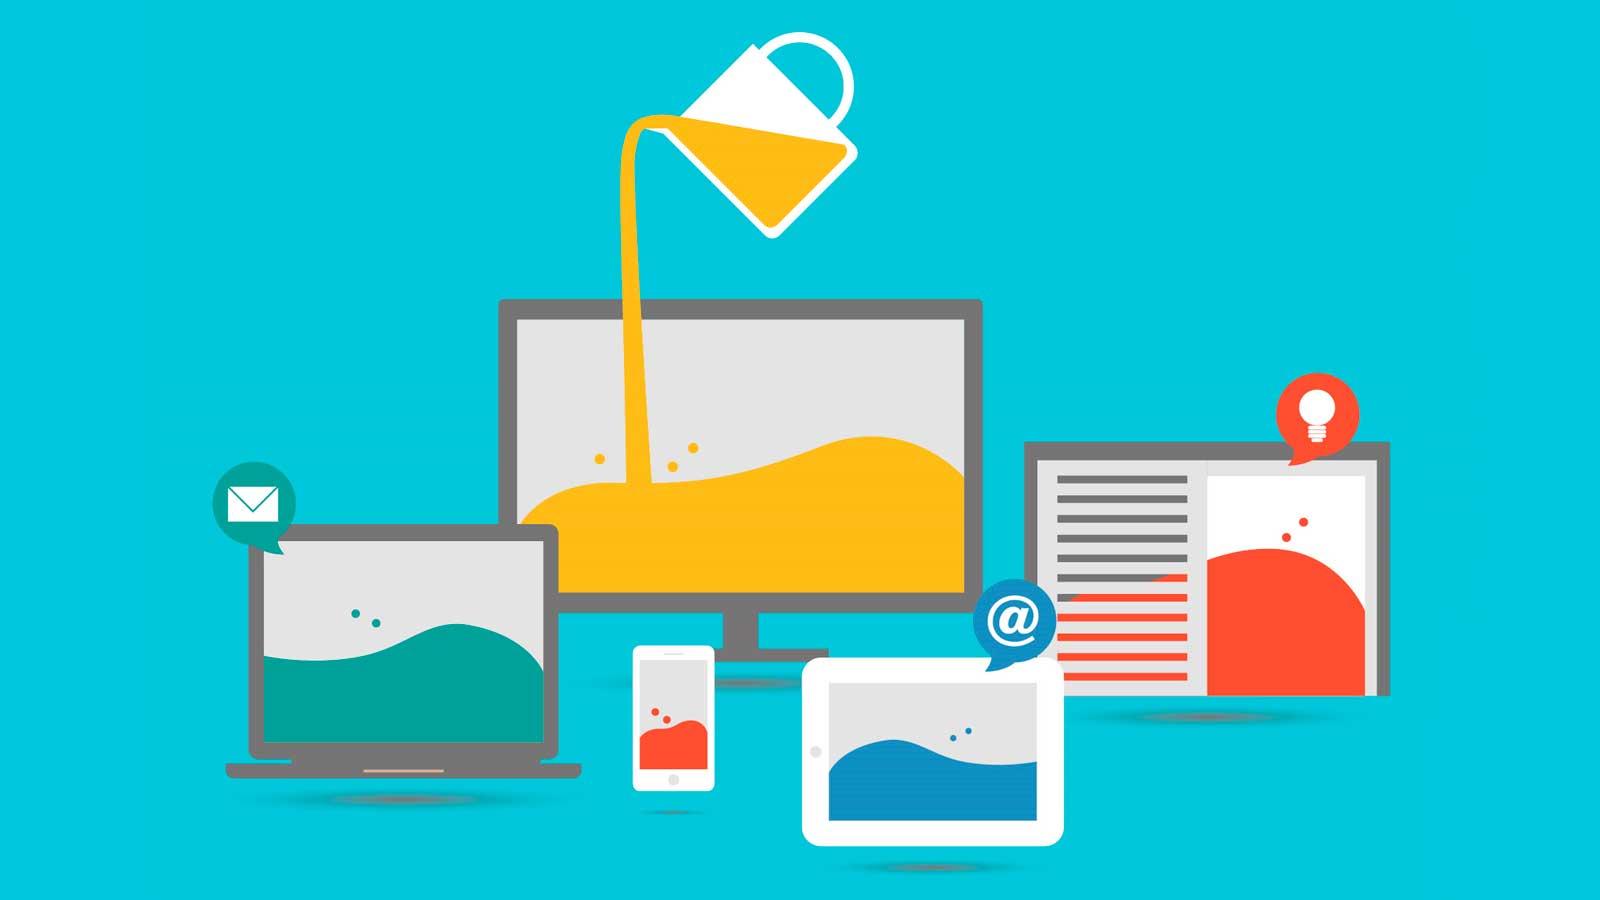 automatizacion-del-marketing-ayuda-a-las-empresas-pequenas